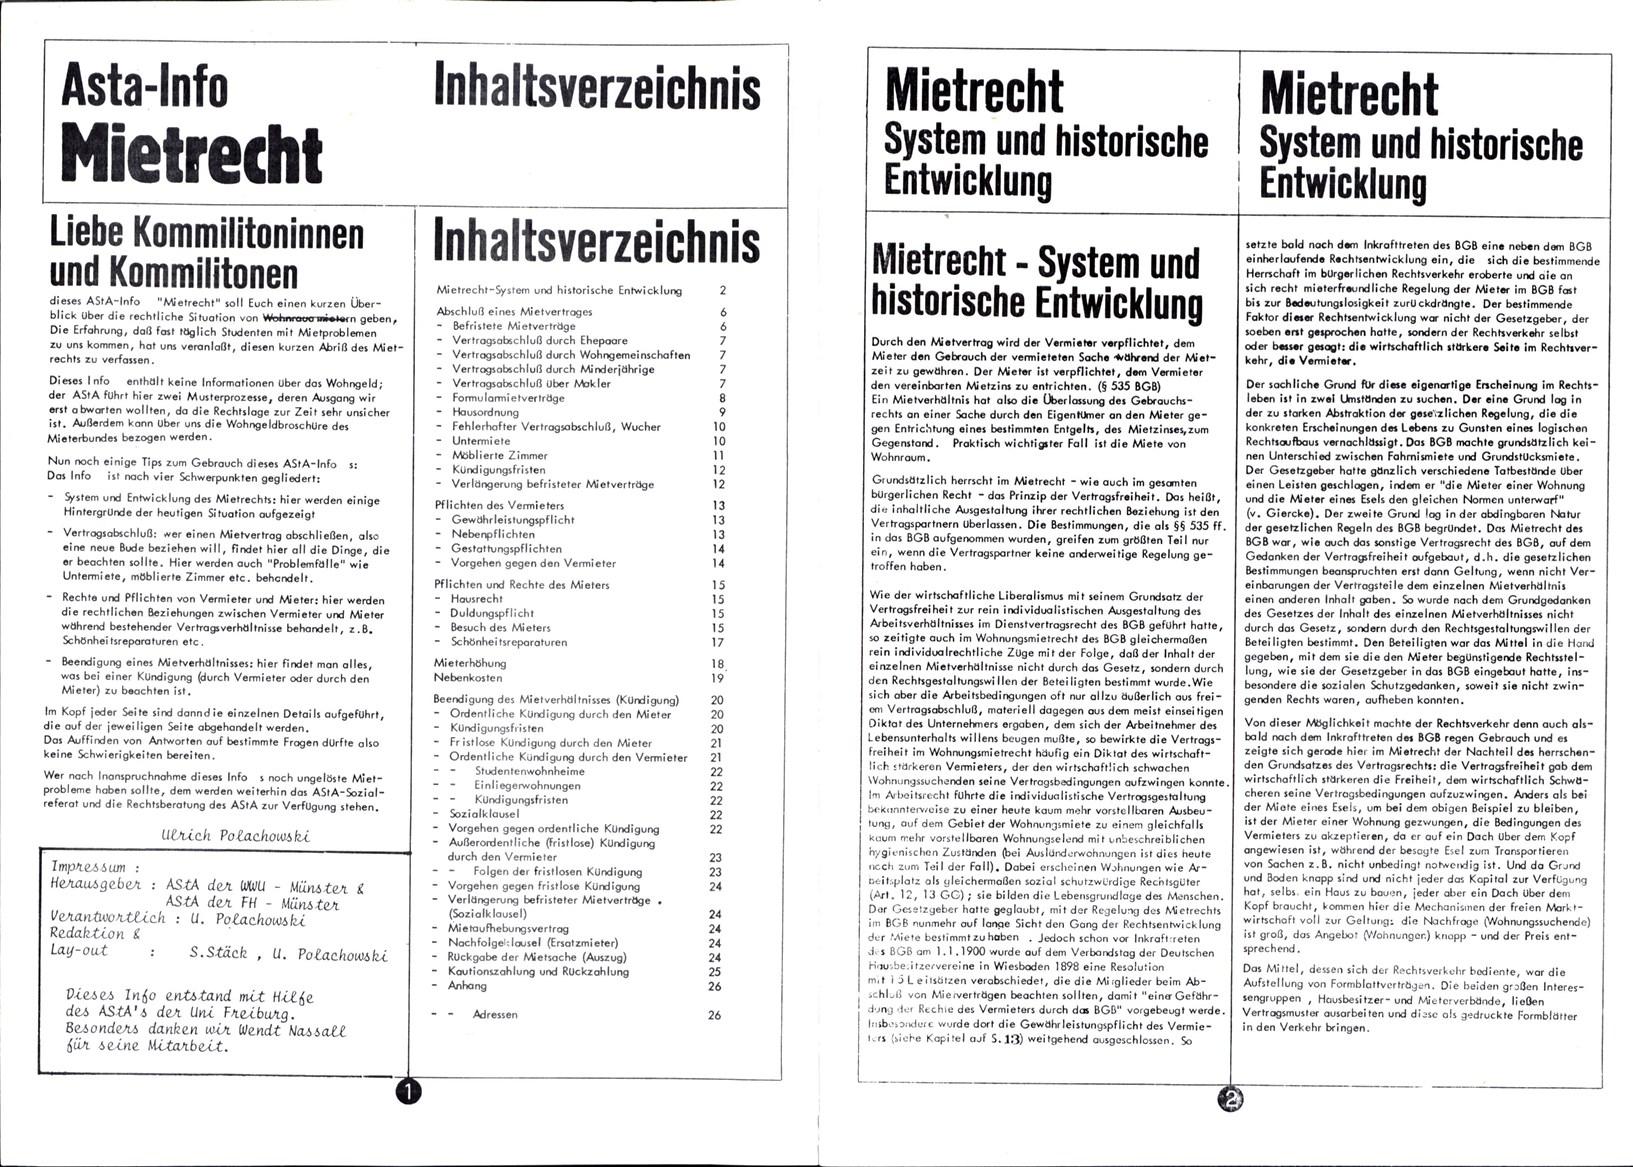 Muenster_AStA_Info_19770000_Mietinfo1_02